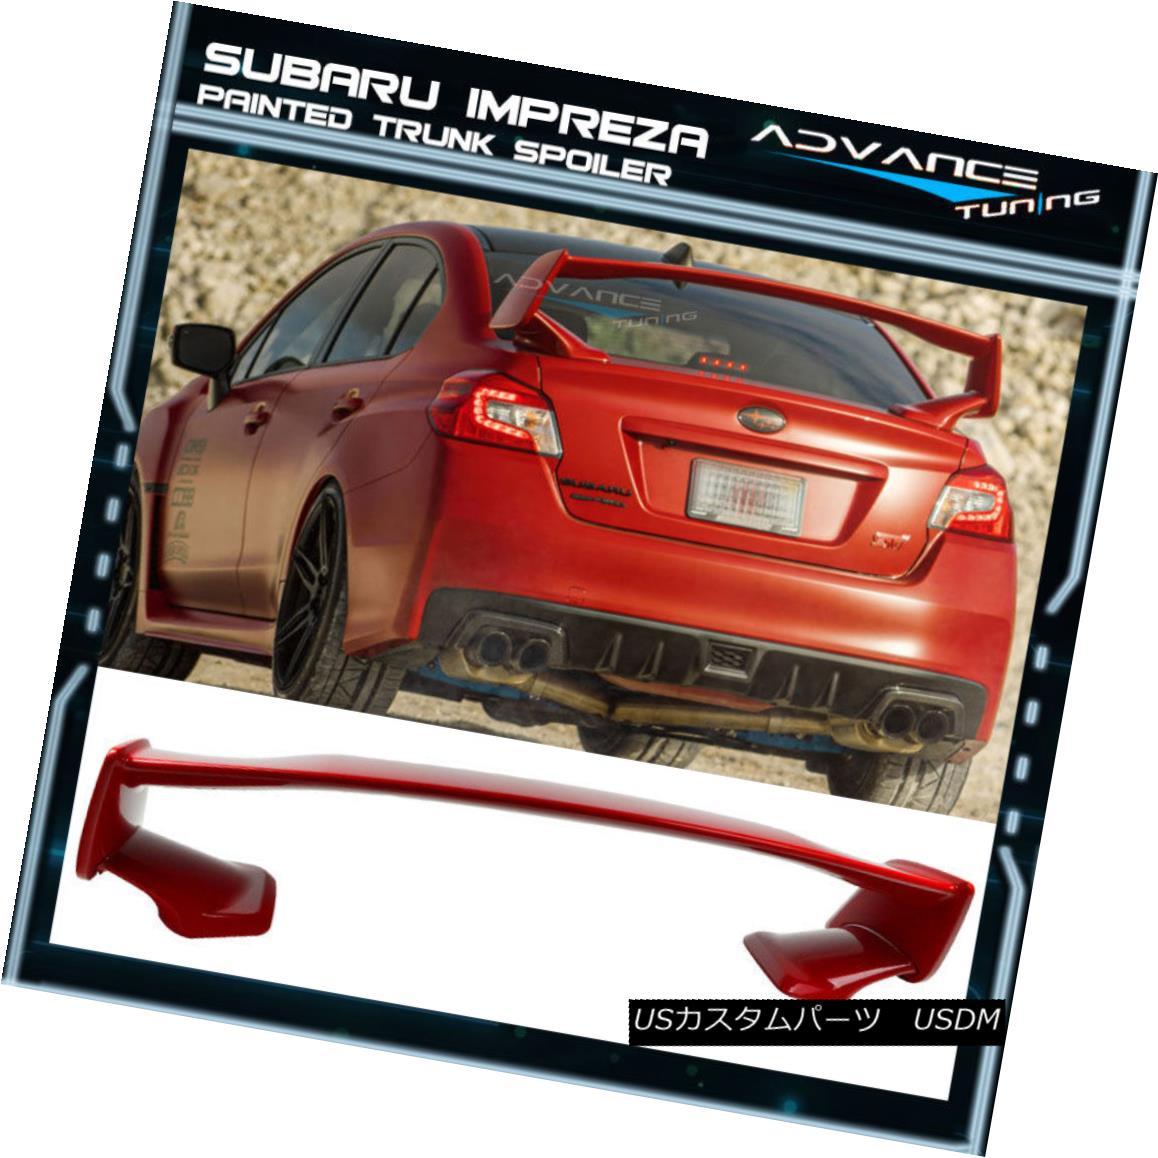 エアロパーツ Fits 15-18 Subaru WRX STI Style ABS Trunk Spoiler Painted #C7P Lightning Red フィット15-18スバルWRX STIスタイルABSトランクスポイラー塗装#C7Pライトニングレッド